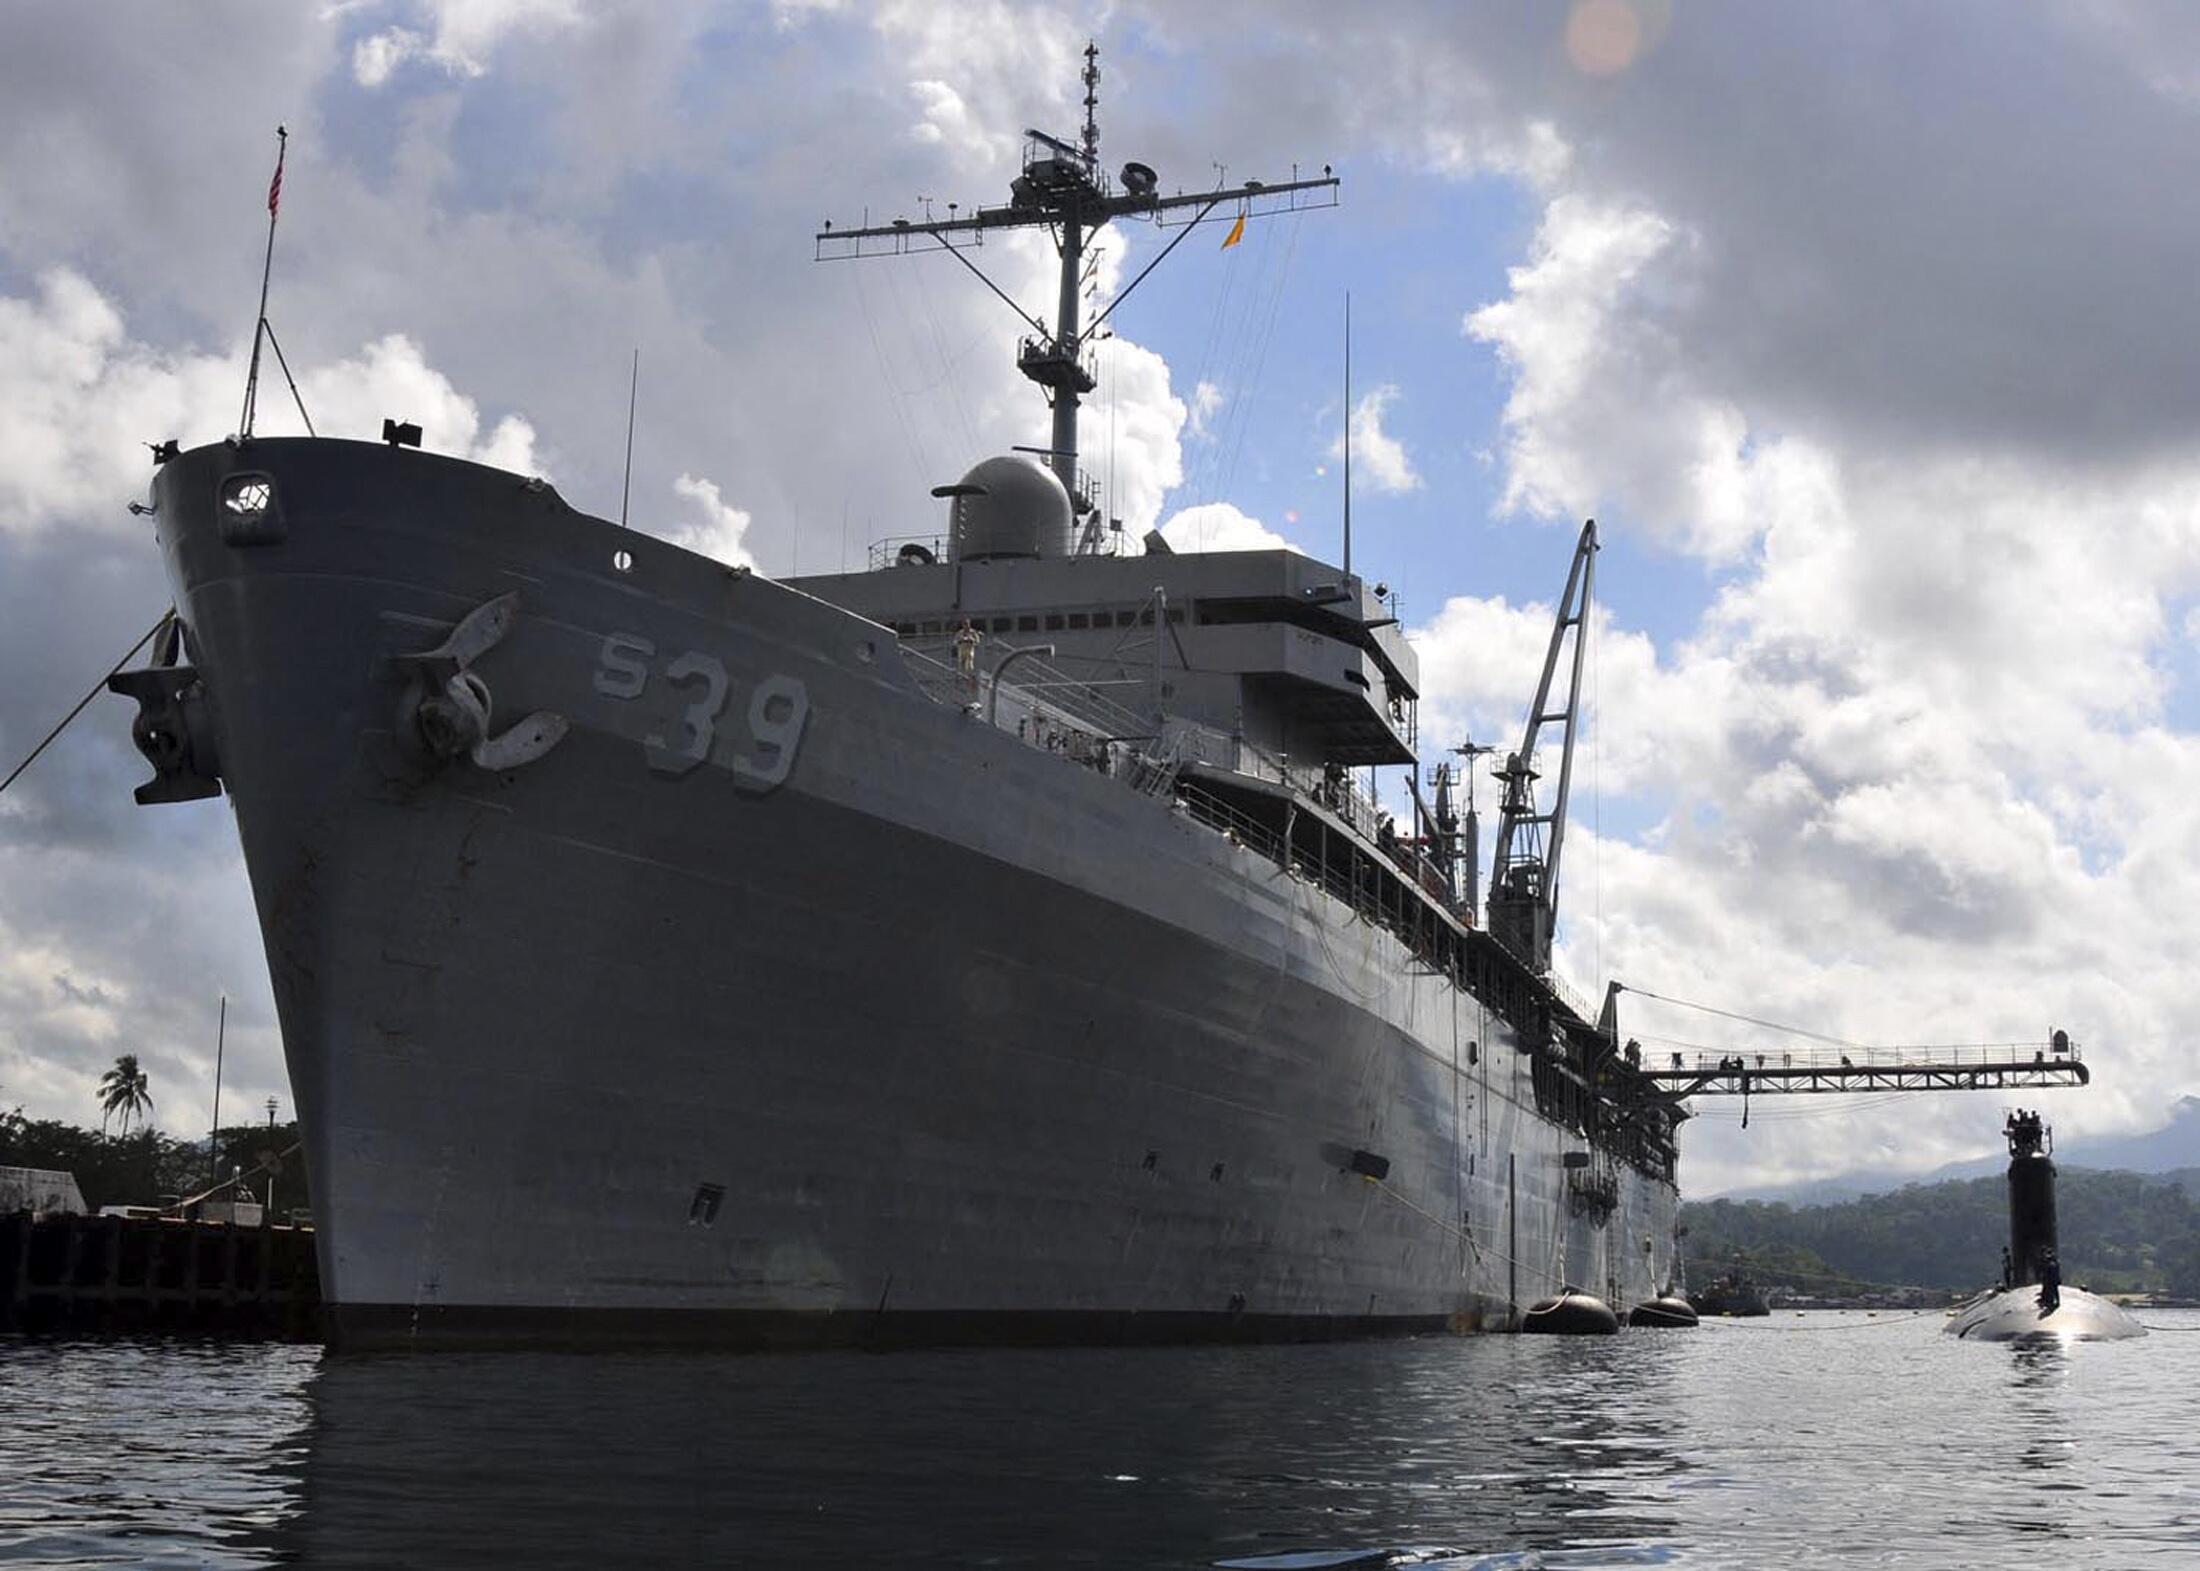 Hải quân Mỹ là binh chủng được ưu tiên phát triển trong bối cảnh cắt giảm ngân sách quốc phòng